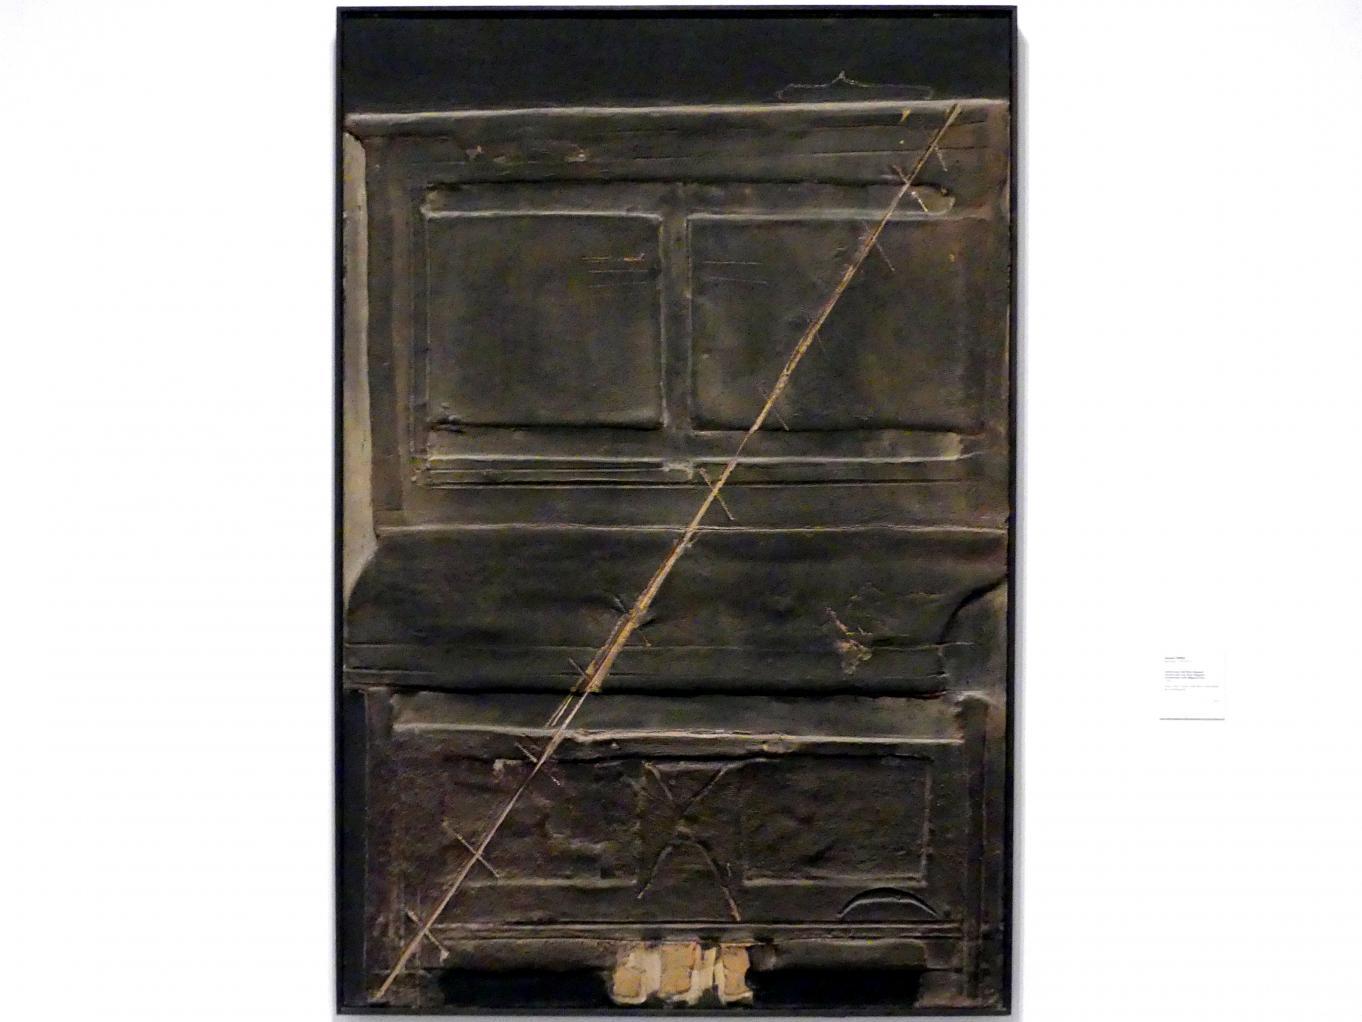 Antoni Tàpies: Konstruktion mit diagonaler Linie, 1966